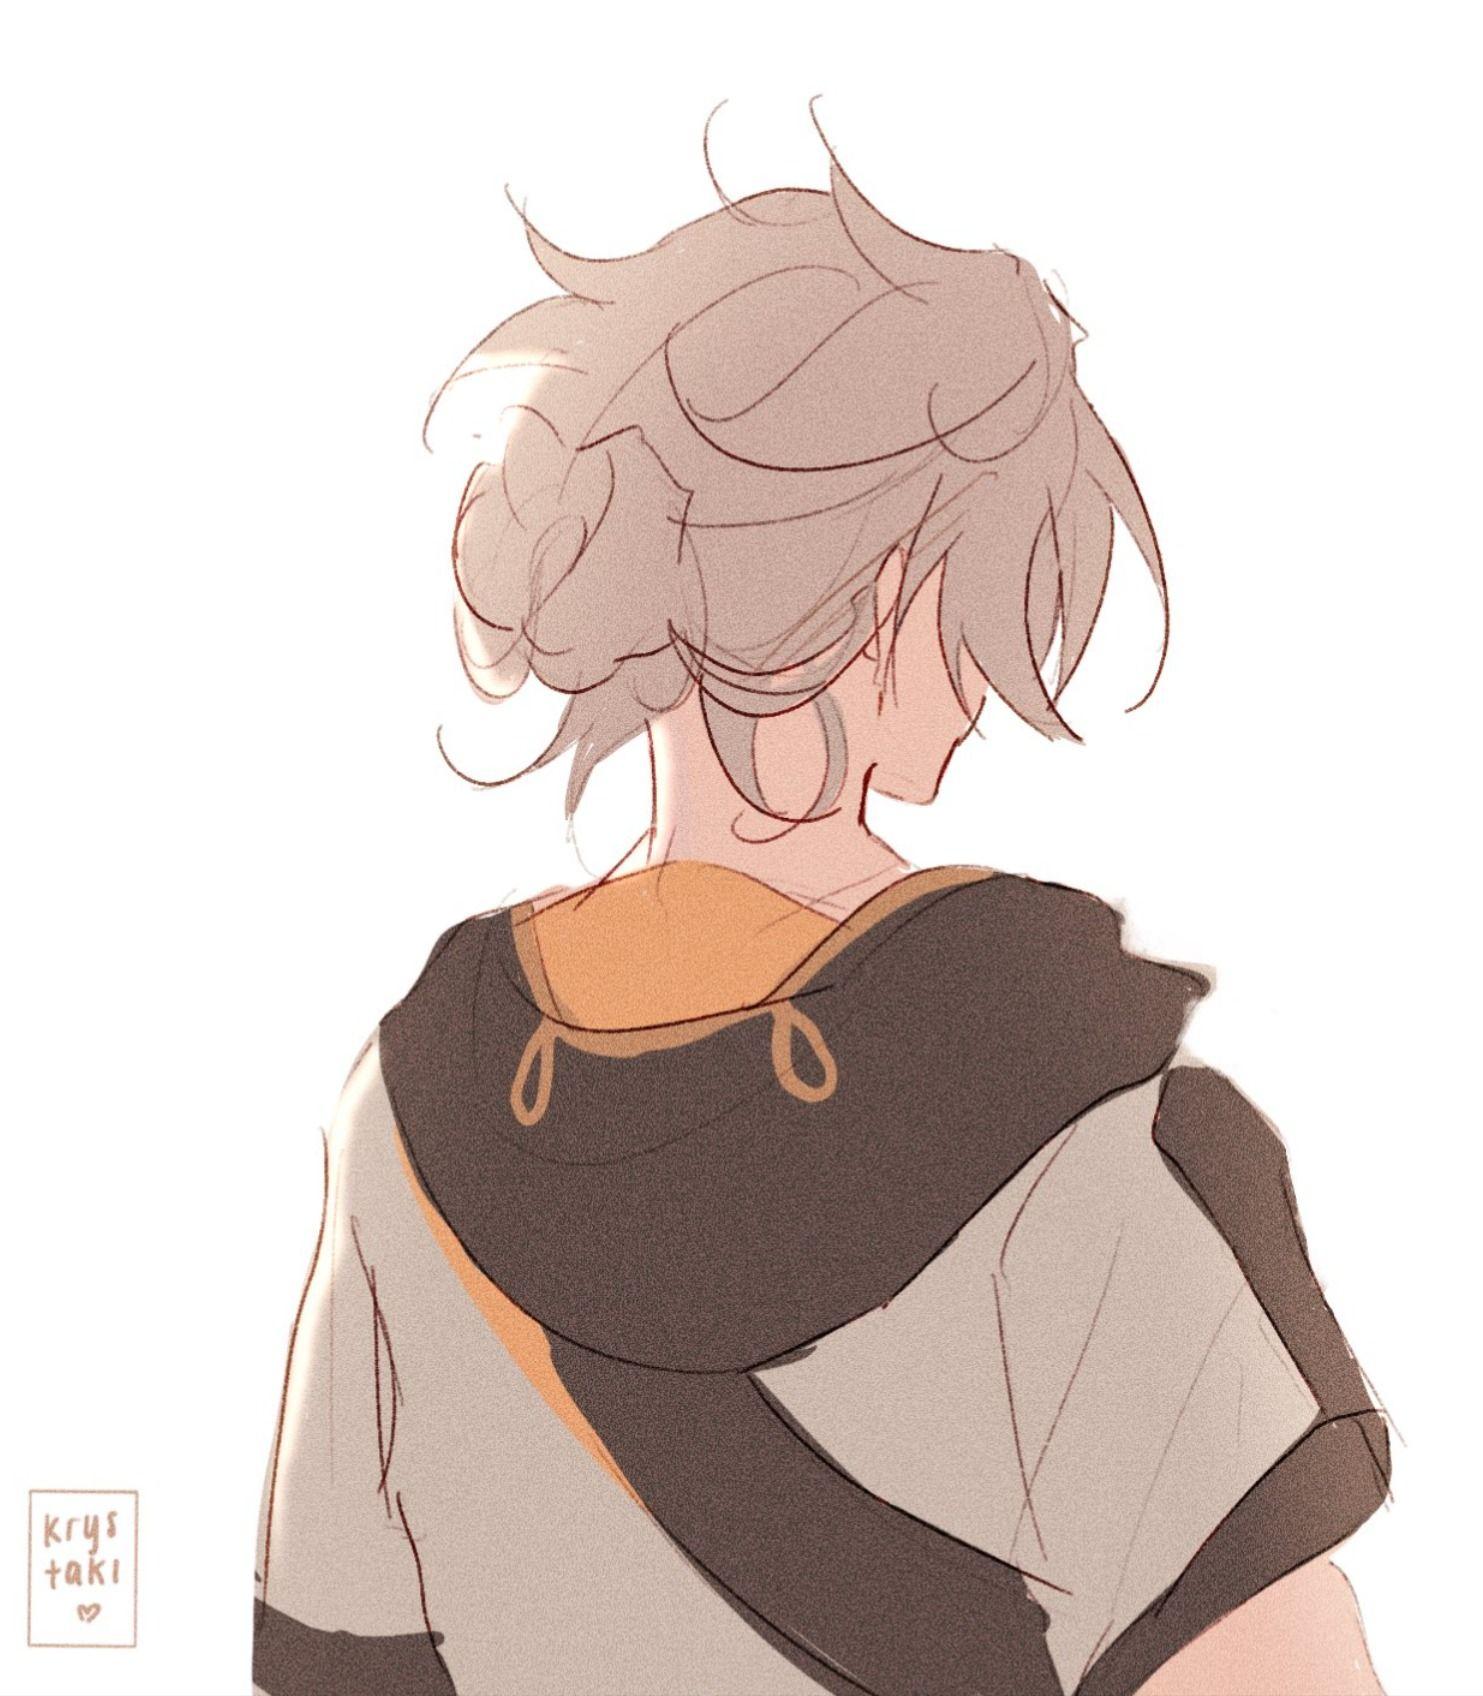 krys 🦜 on Twitter